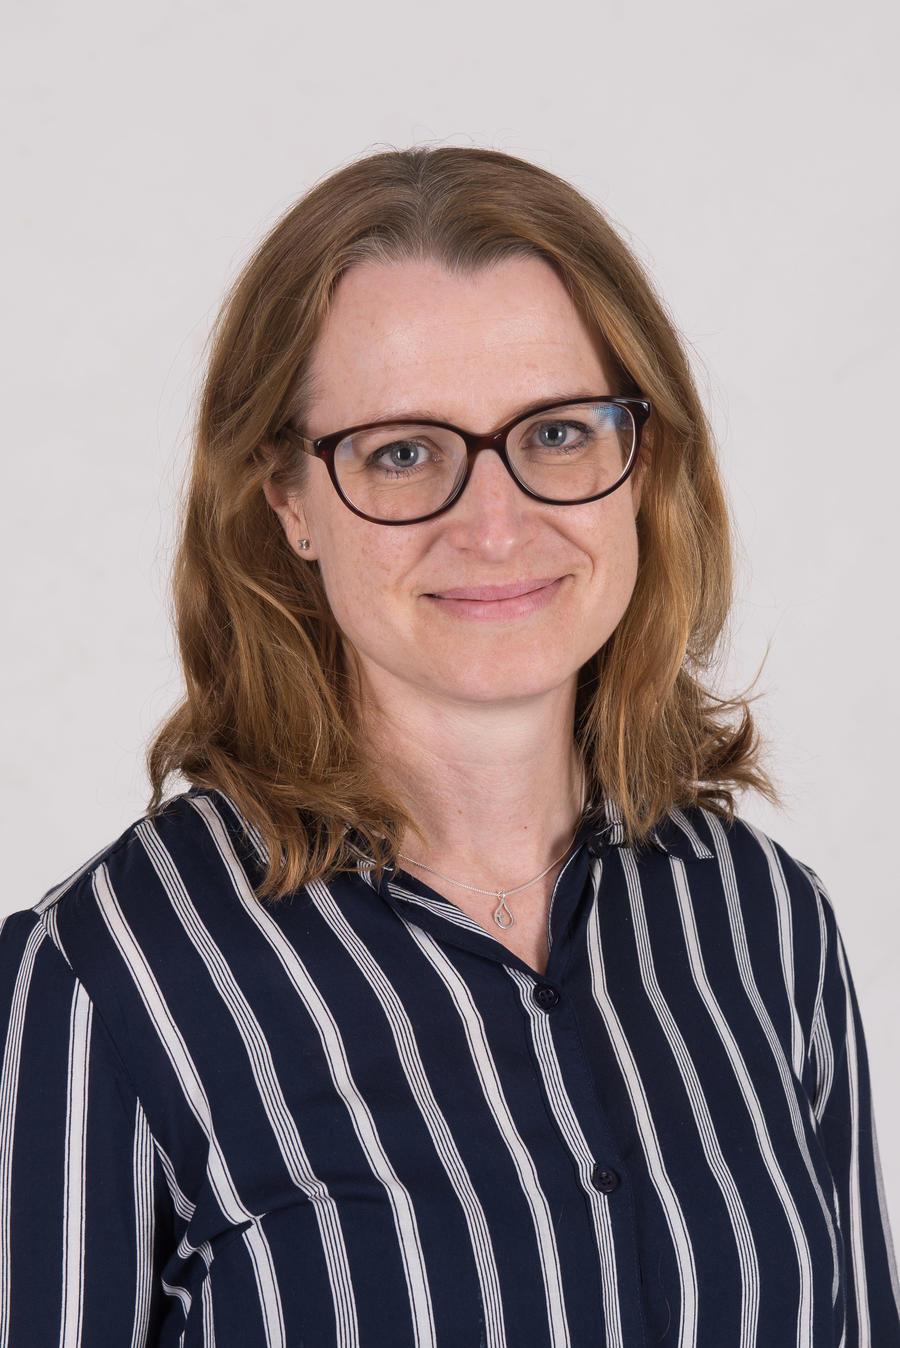 Anna Blomgren Johansson